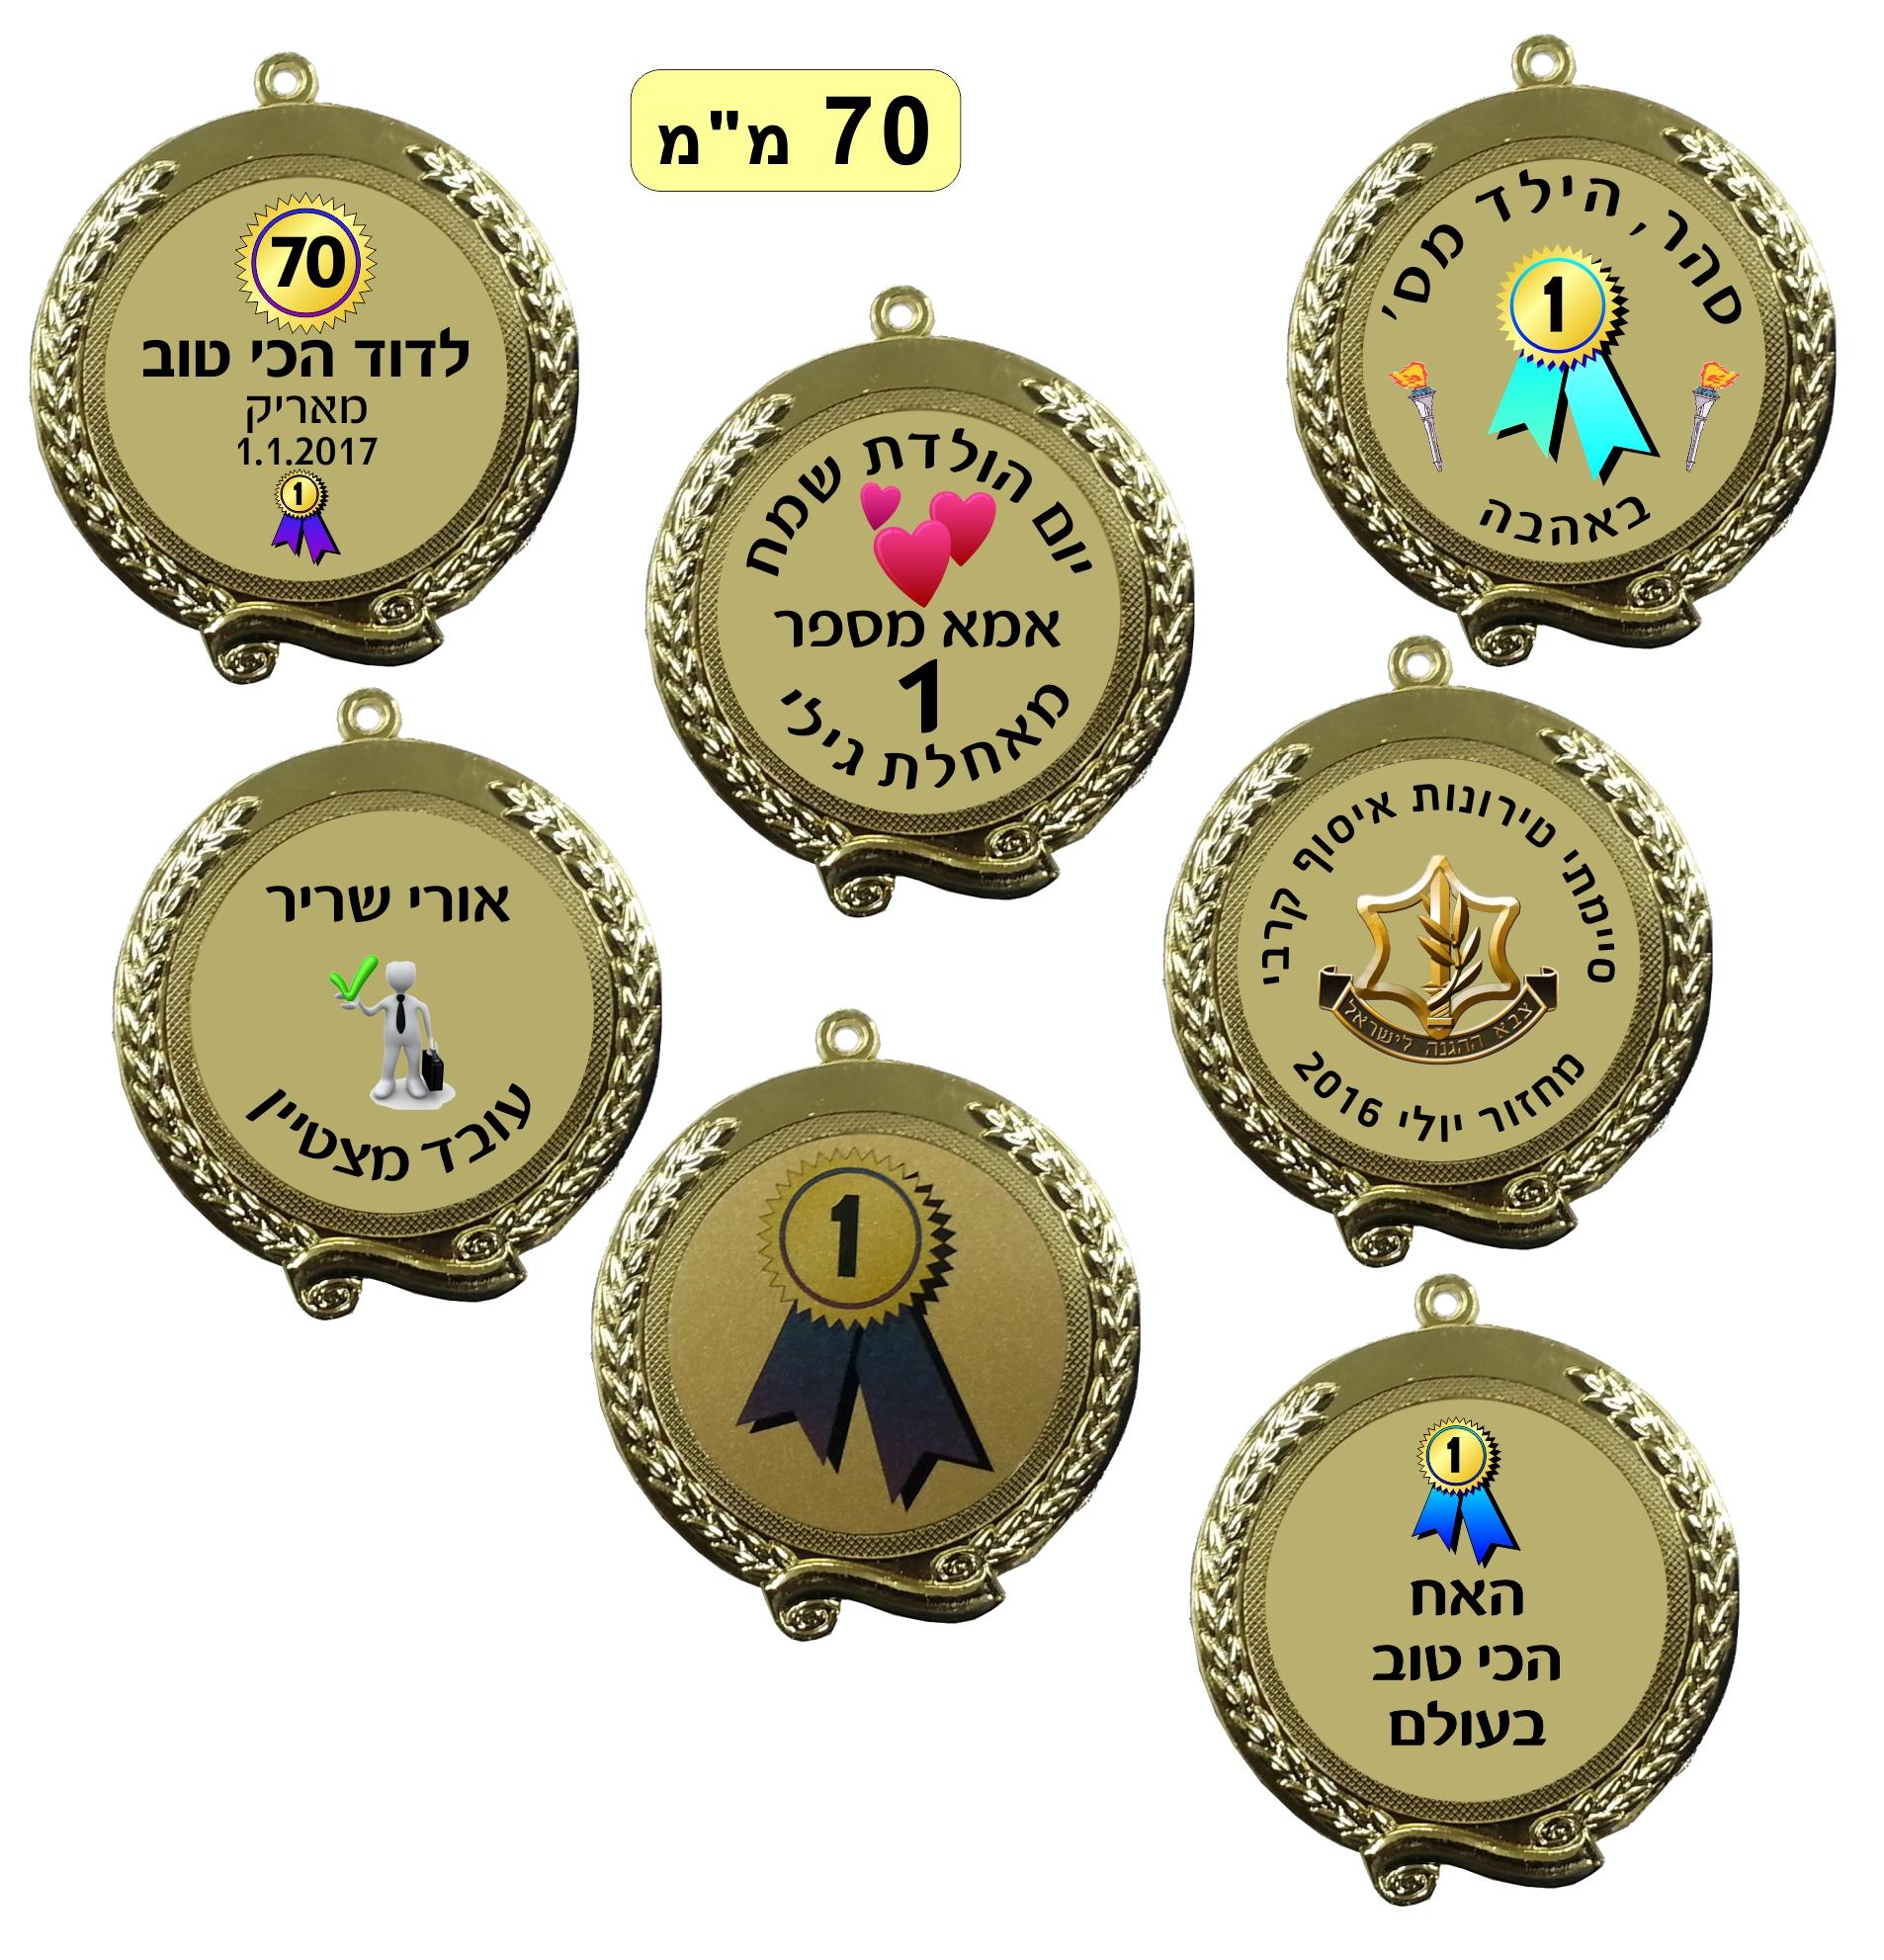 מדליות 70 ממ לכל אירוע דף 2